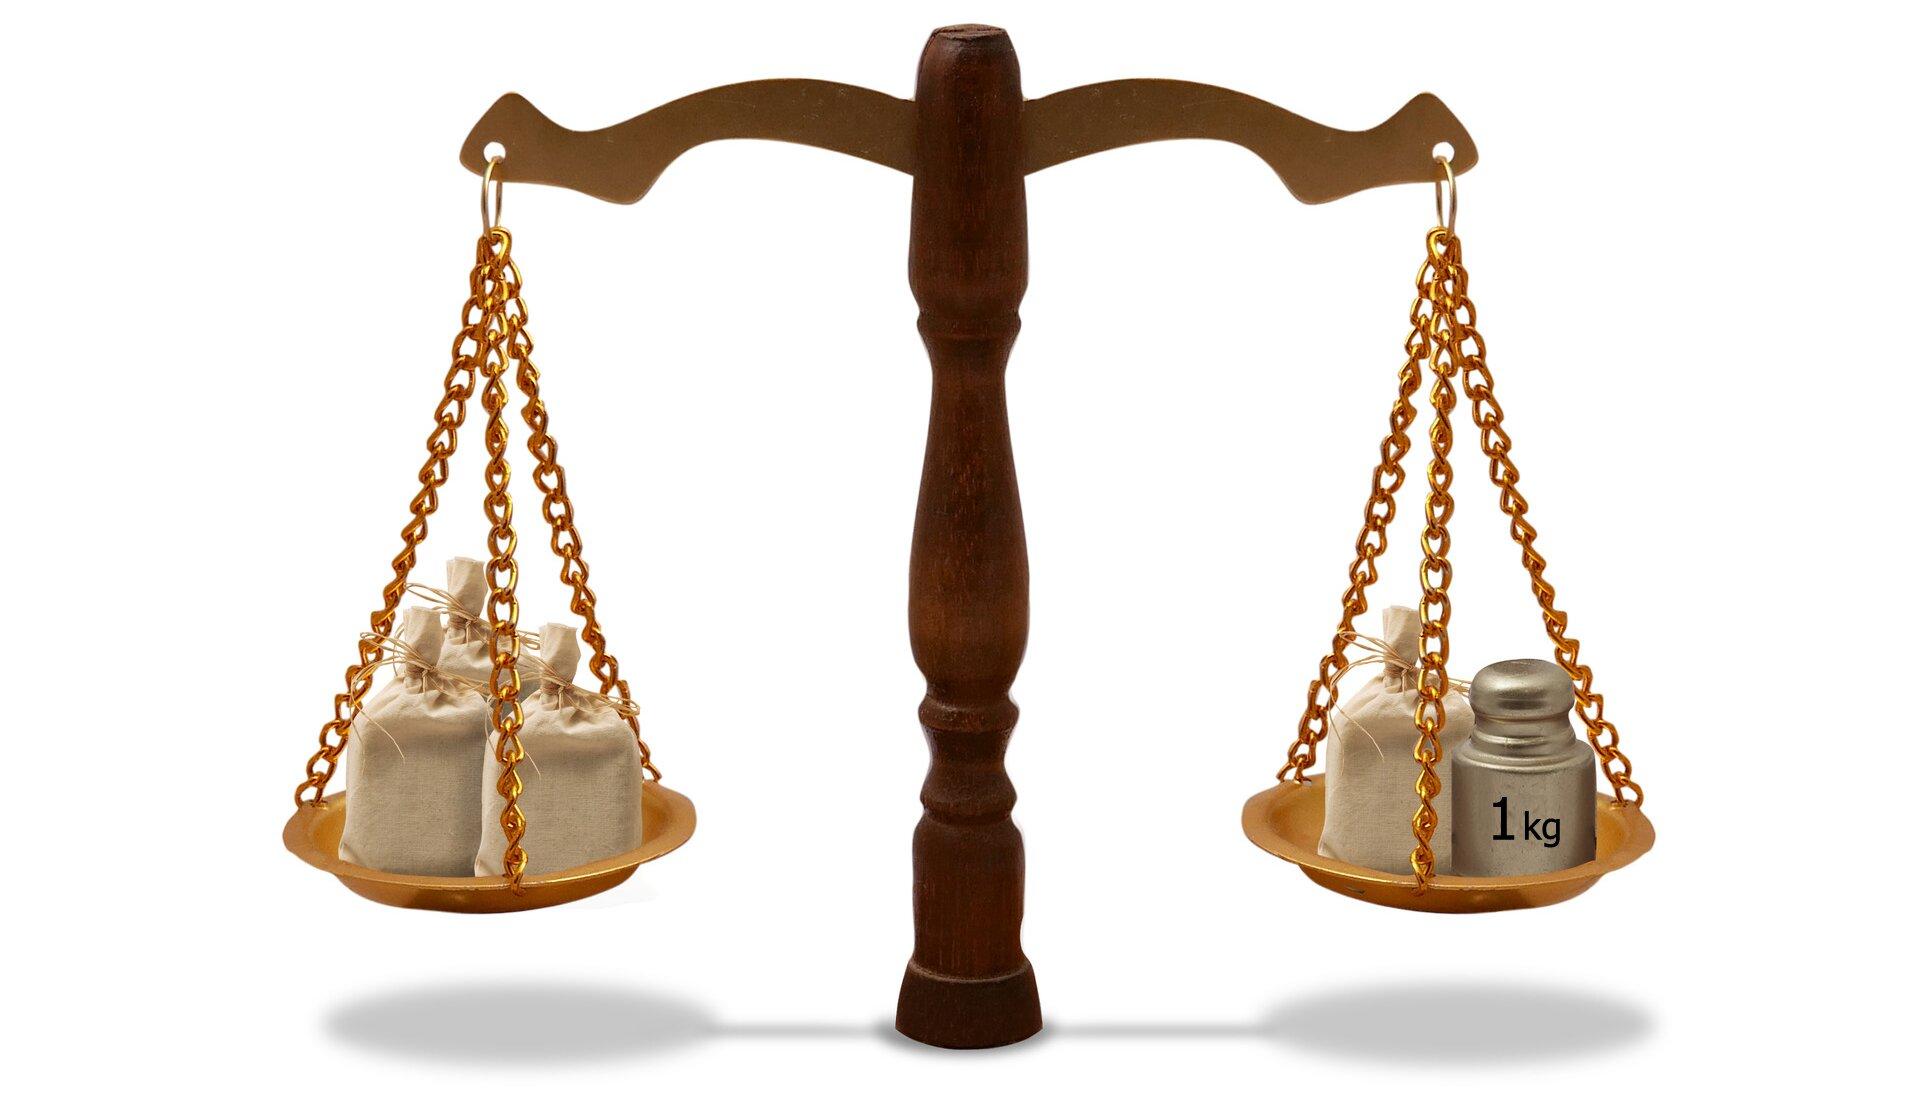 Rysunek wagi szalkowej. Na jednej szalce 3 worki, na drugiej 1 worek iodważnik 1 kg.